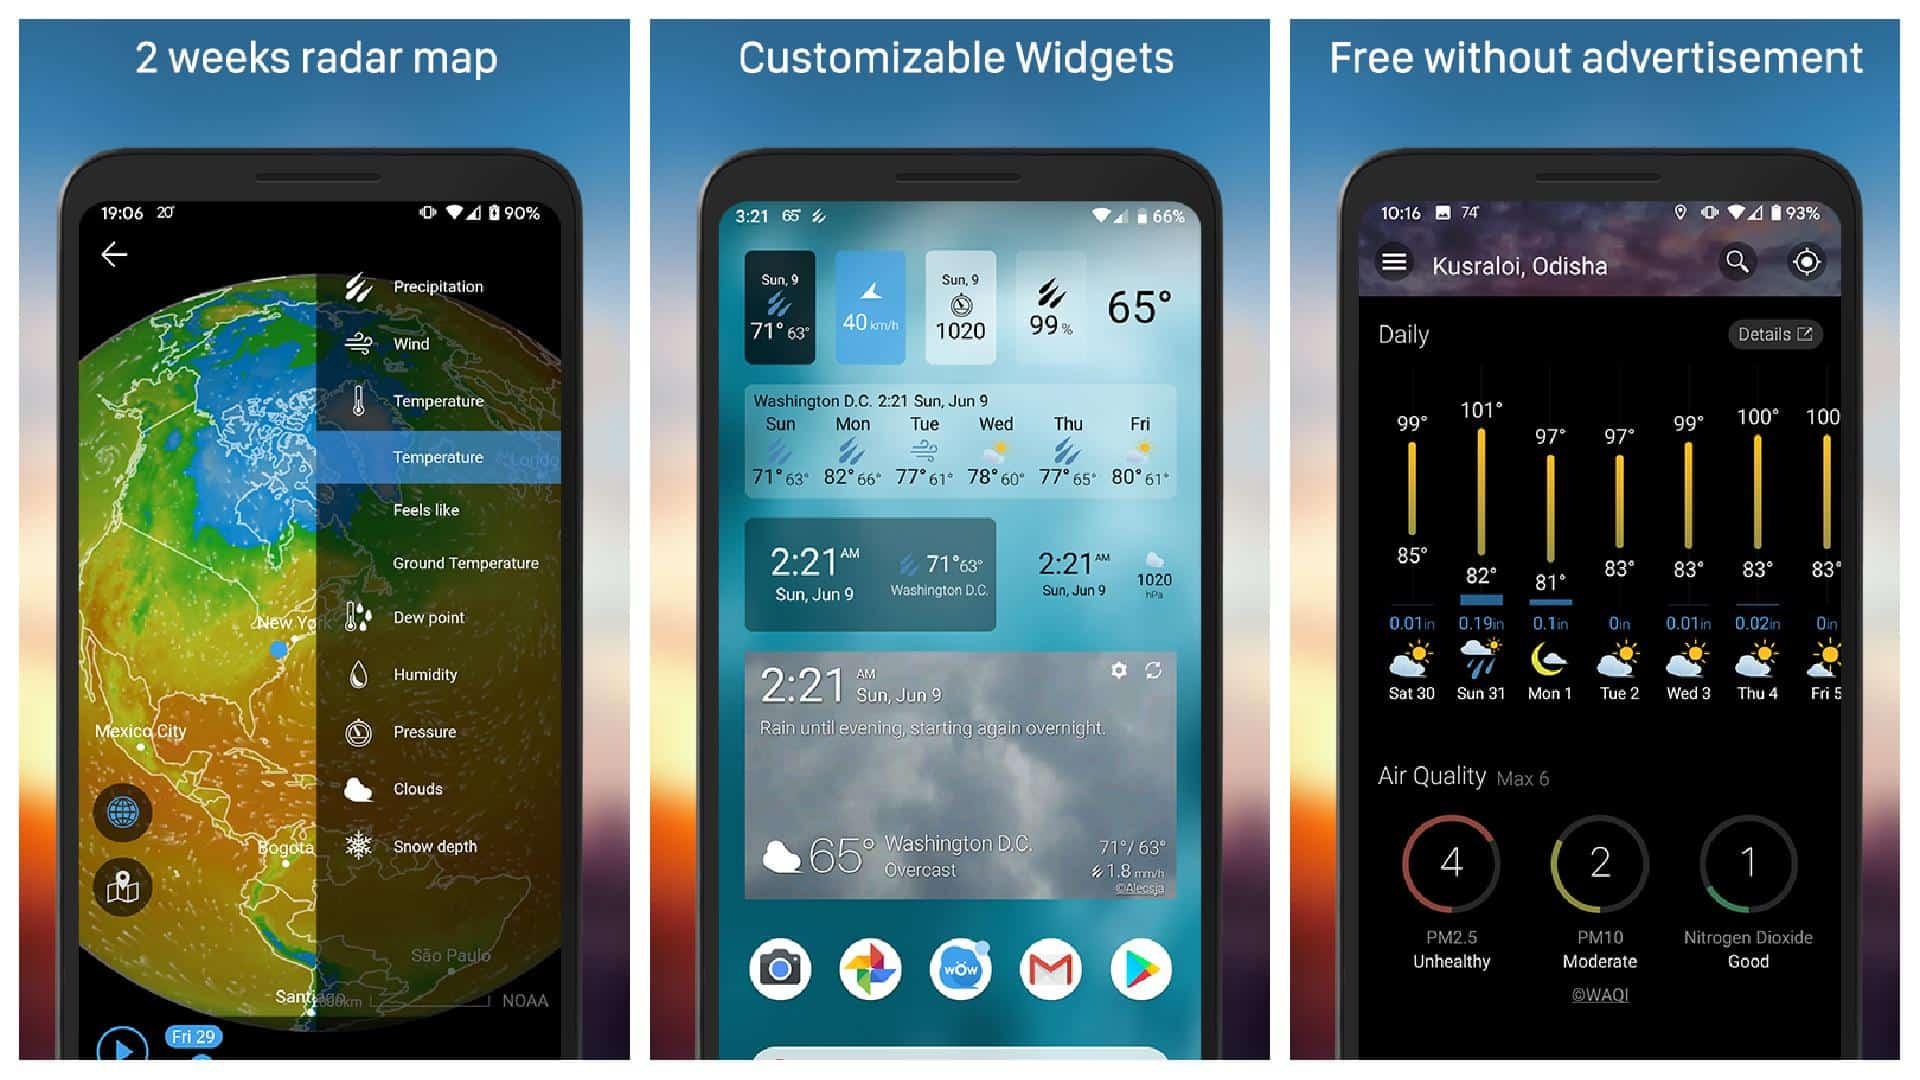 Weawow app grid image